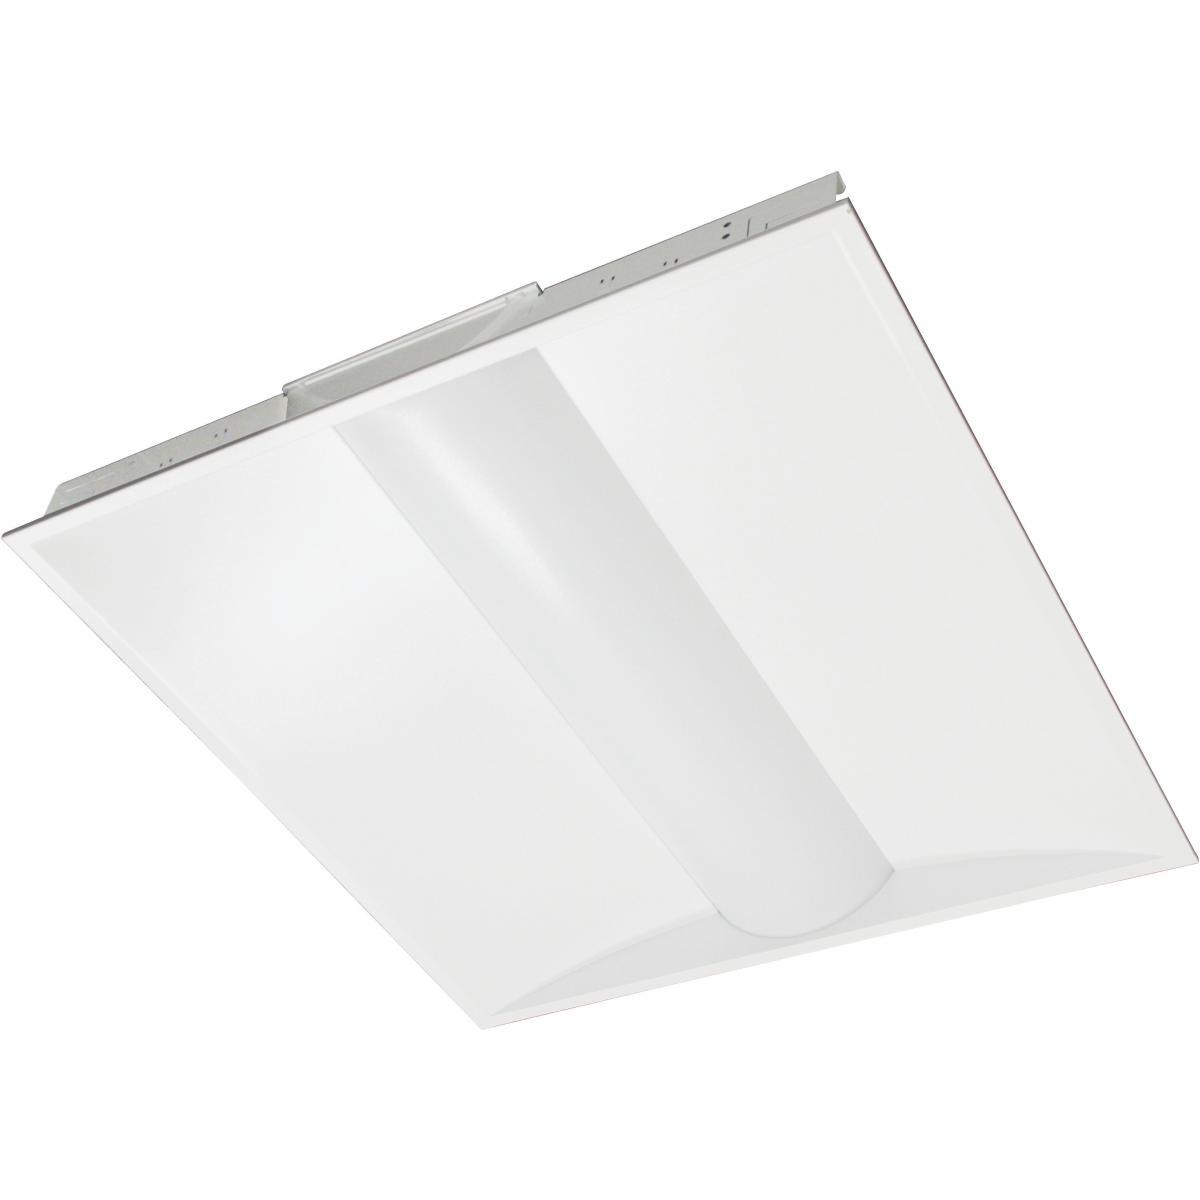 65-421 2FT X 2FT LED TROFFER 30W